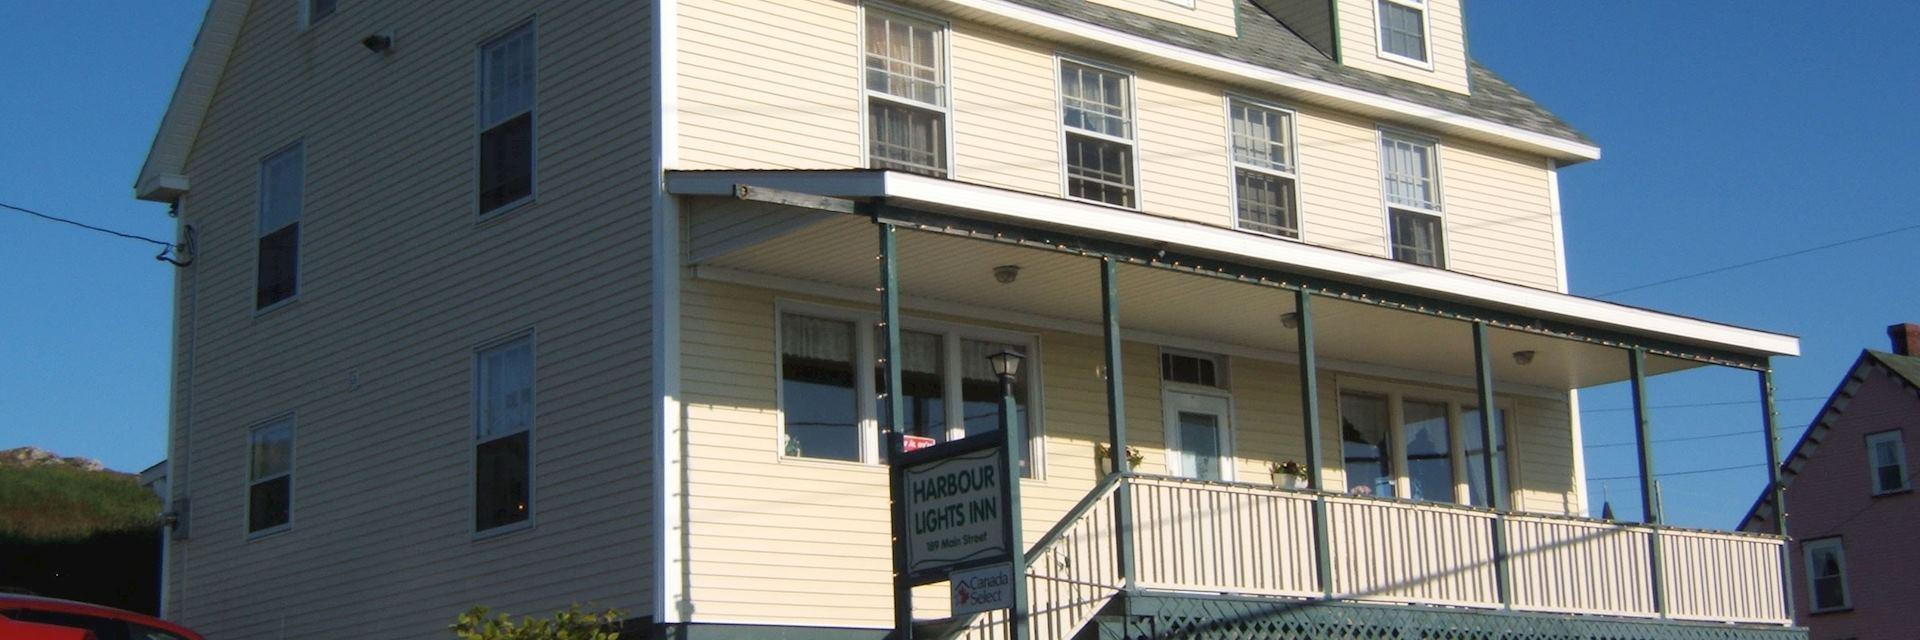 Harbour Lights Inn